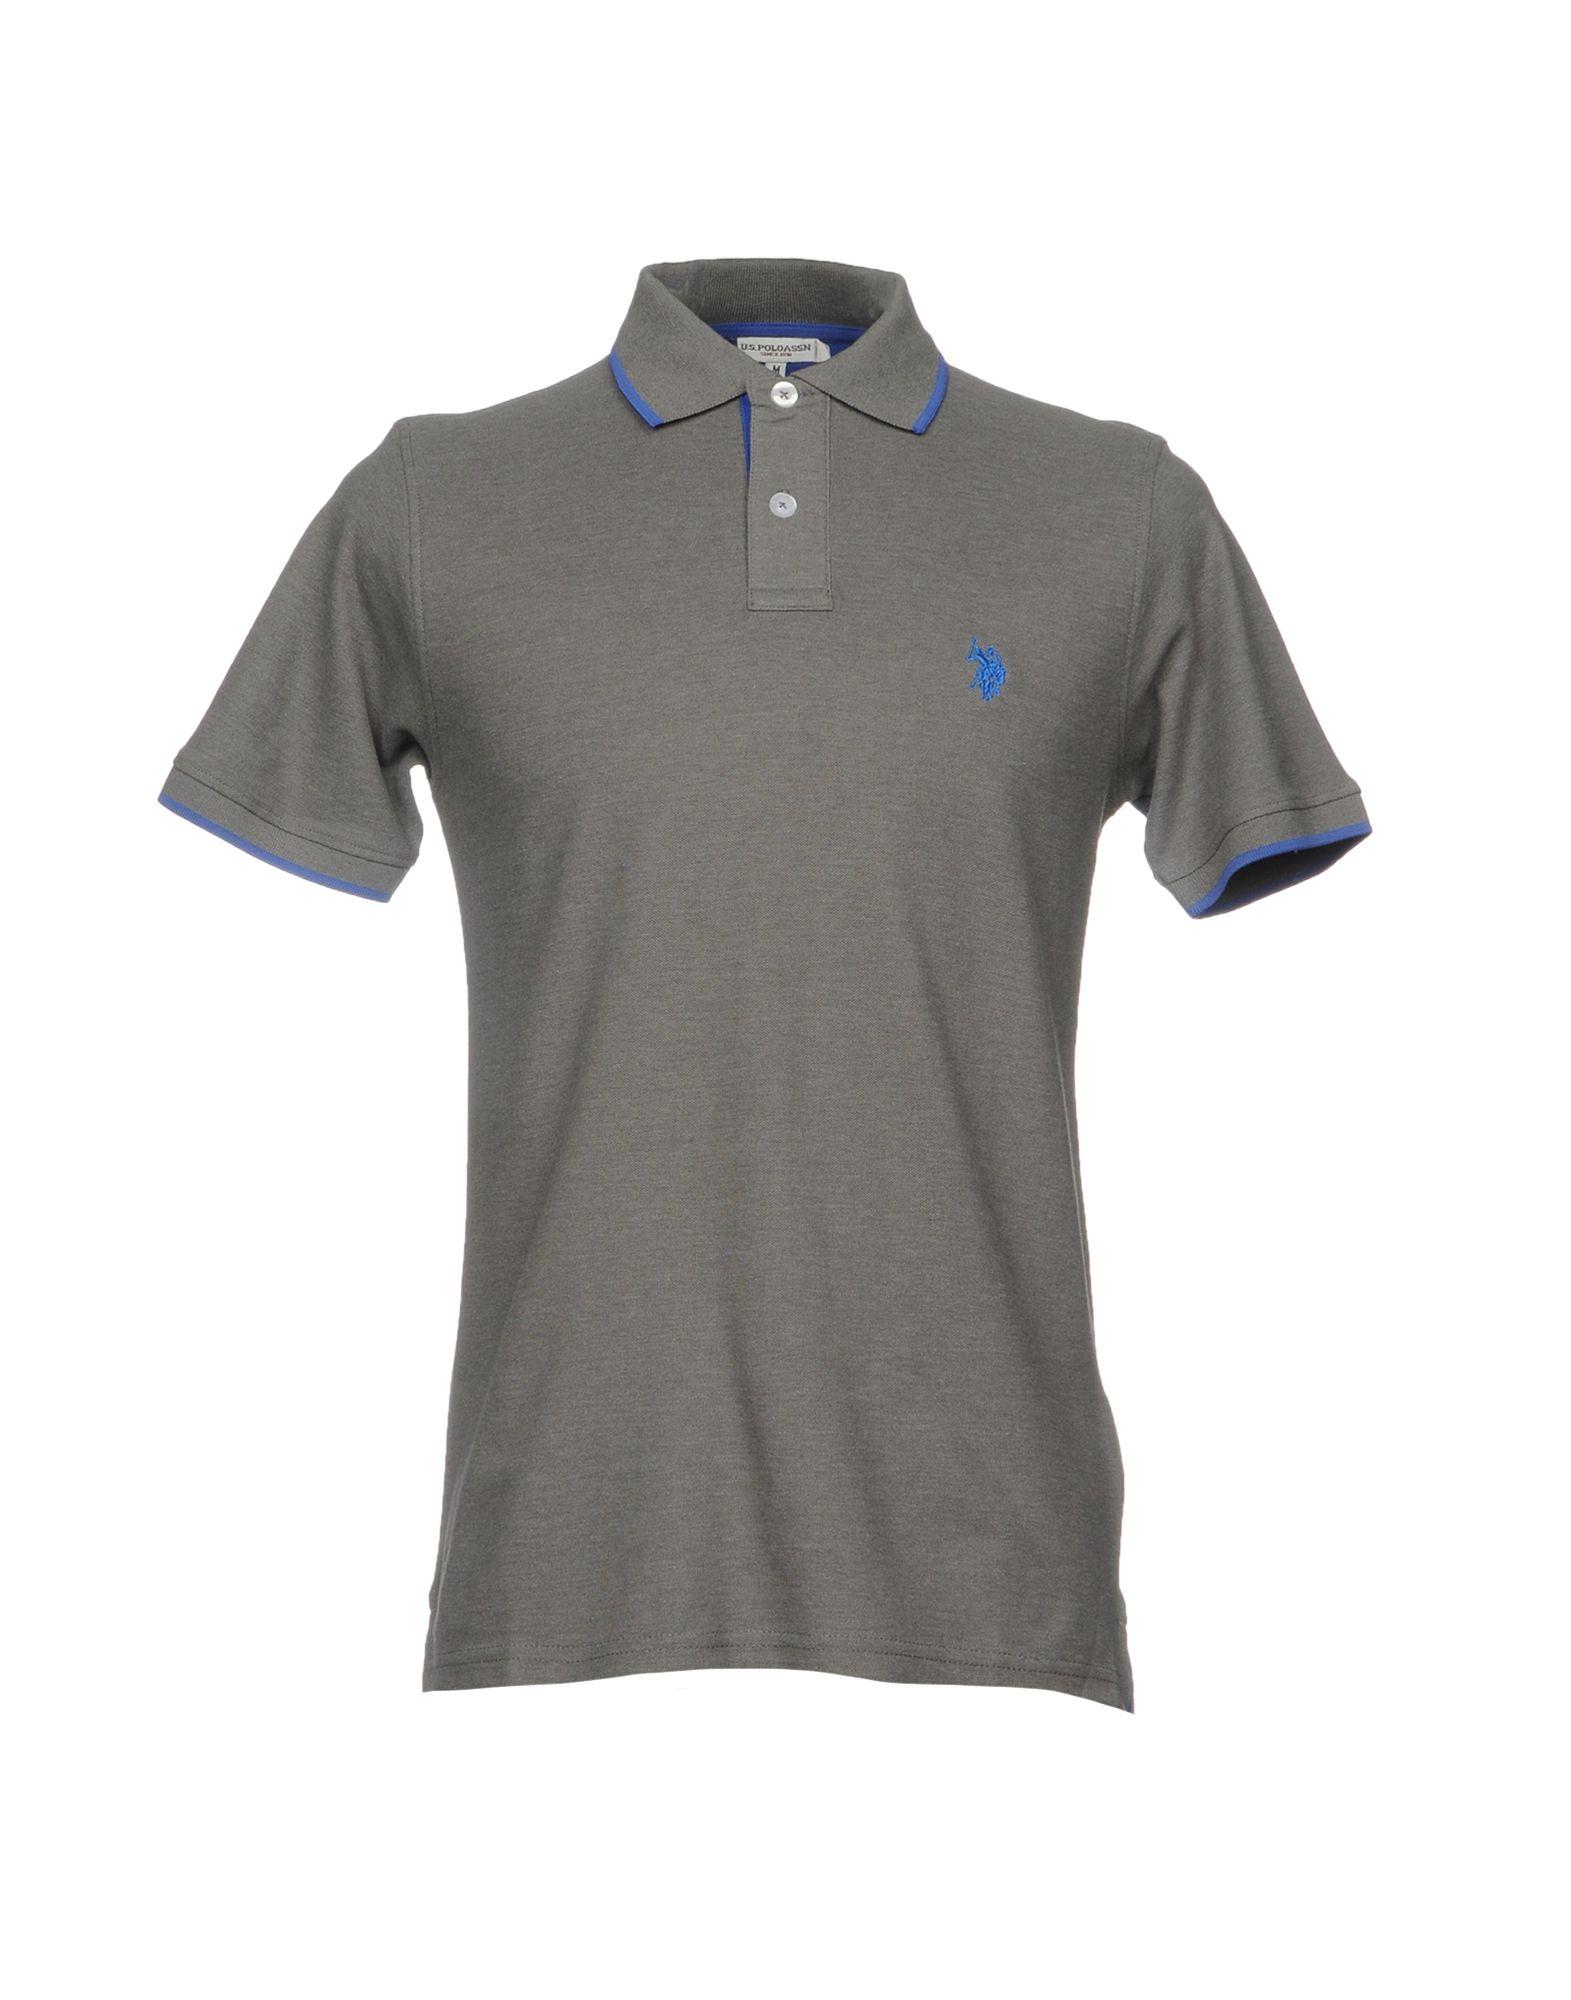 《送料無料》U.S.POLO ASSN. メンズ ポロシャツ グレー S コットン 100%